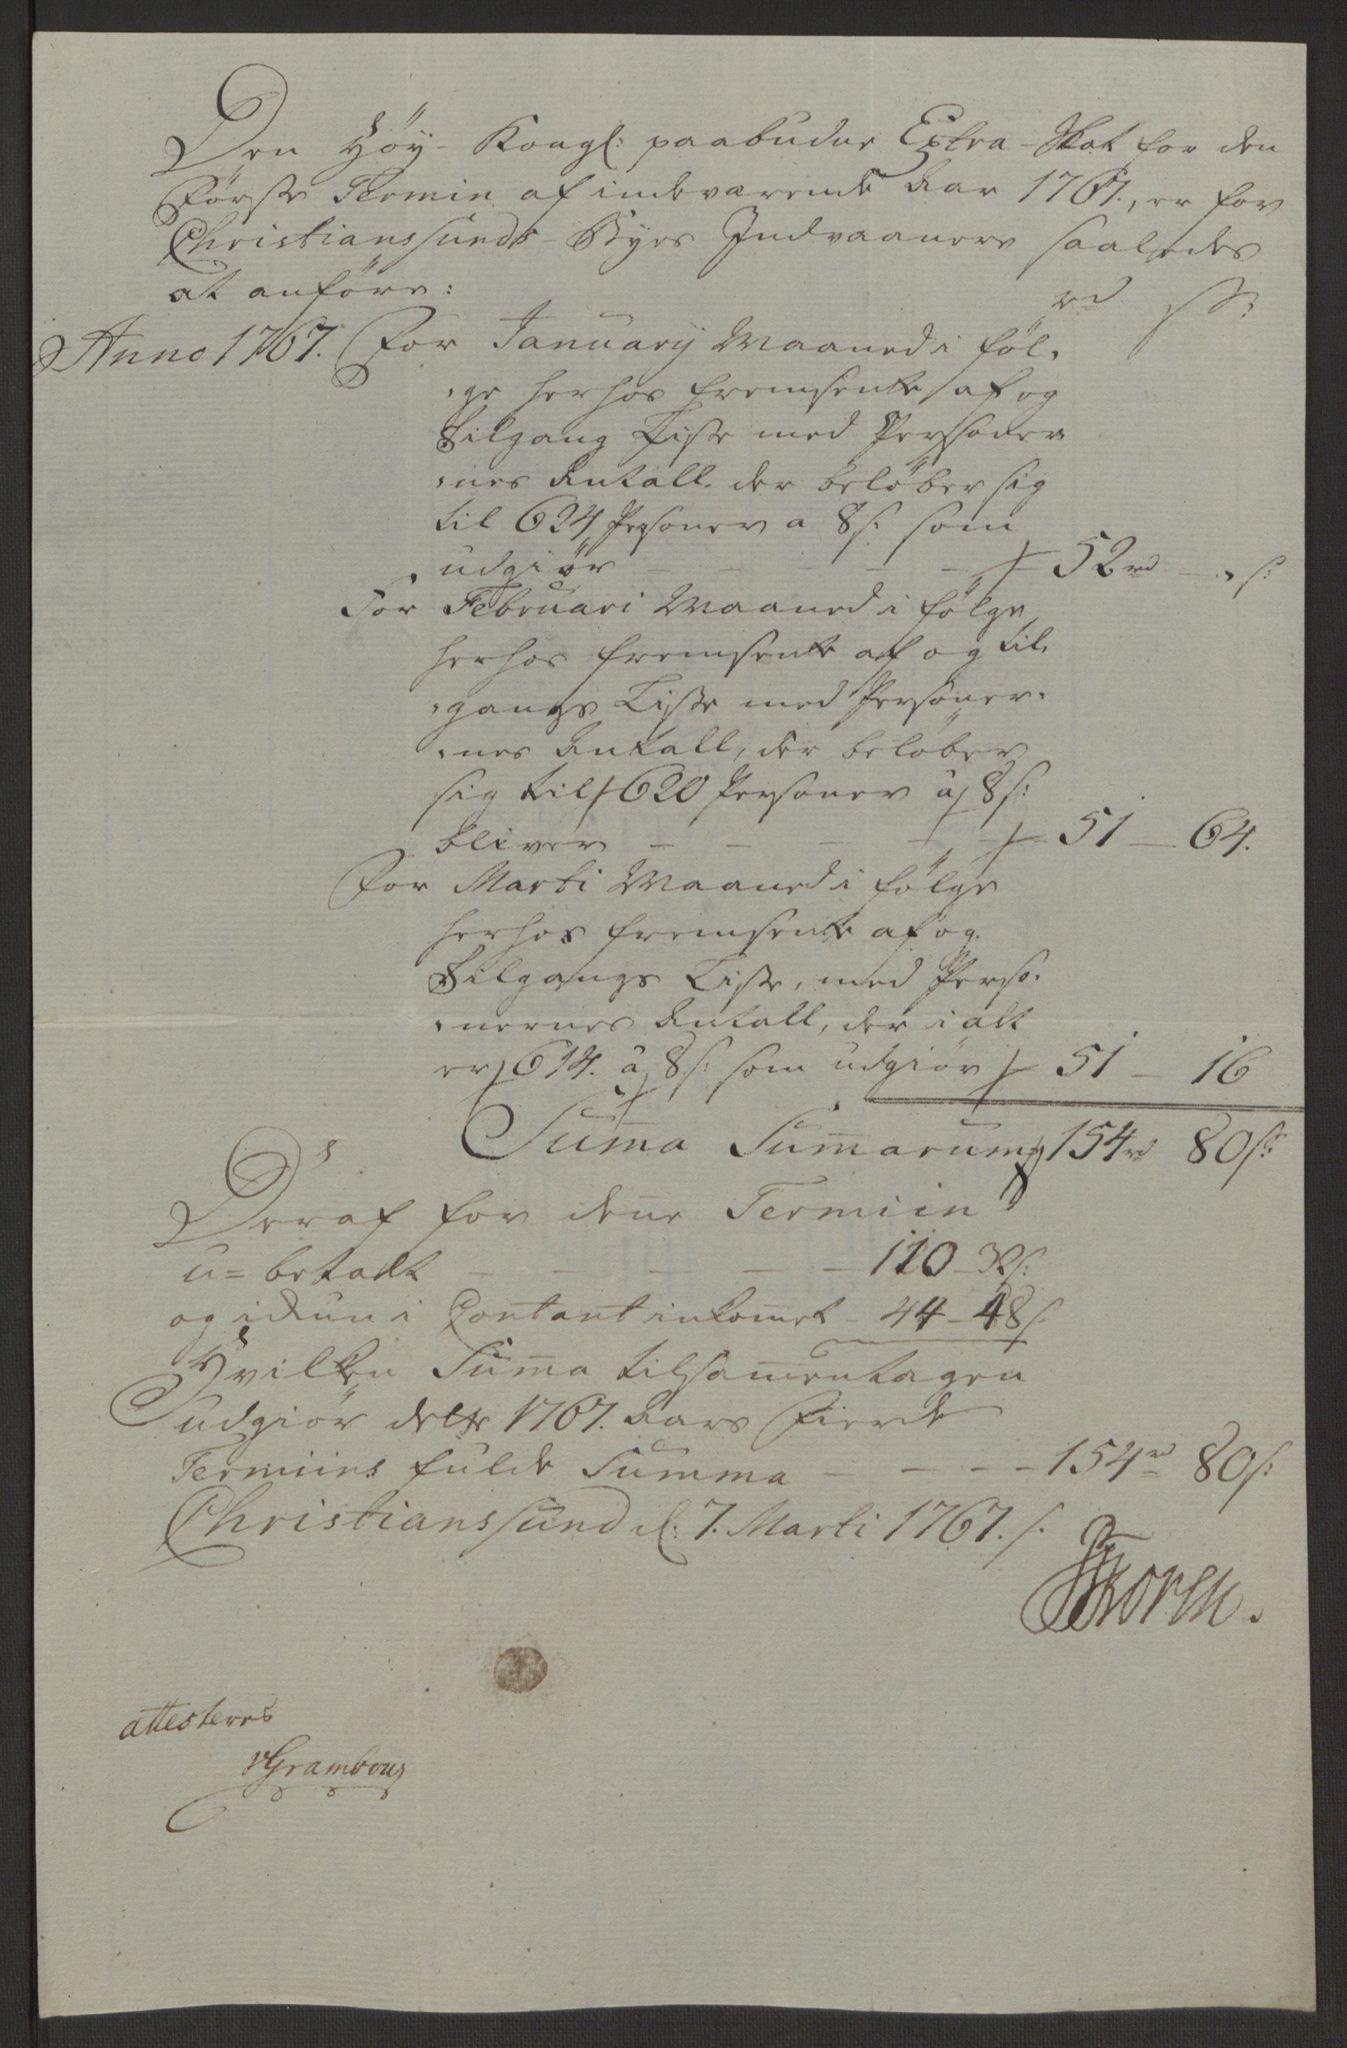 RA, Rentekammeret inntil 1814, Reviderte regnskaper, Byregnskaper, R/Rr/L0495: [R1] Kontribusjonsregnskap, 1762-1772, s. 137